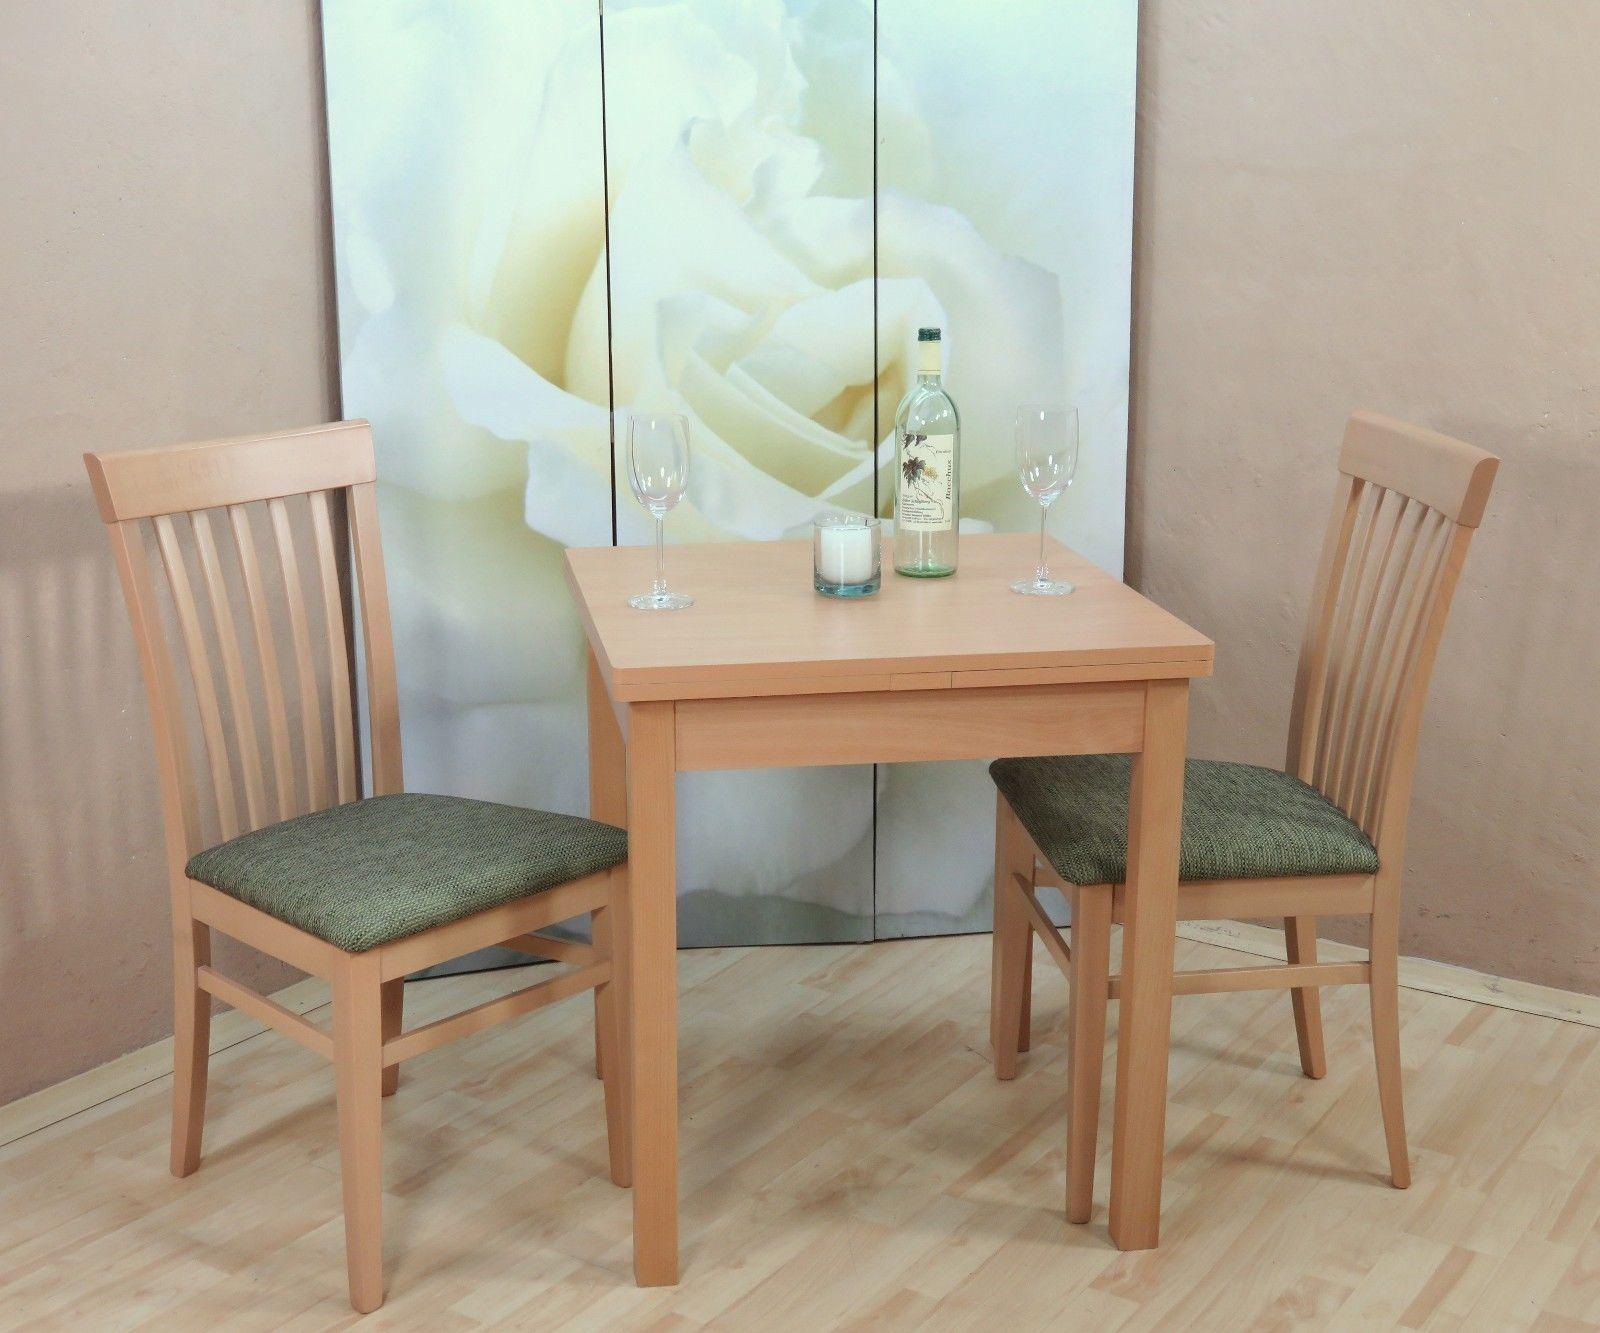 Großartig Moderne Stühle Günstig Das Beste Von Tischgruppe Massiv Natur Oliv Essgruppe Stühle Tisch